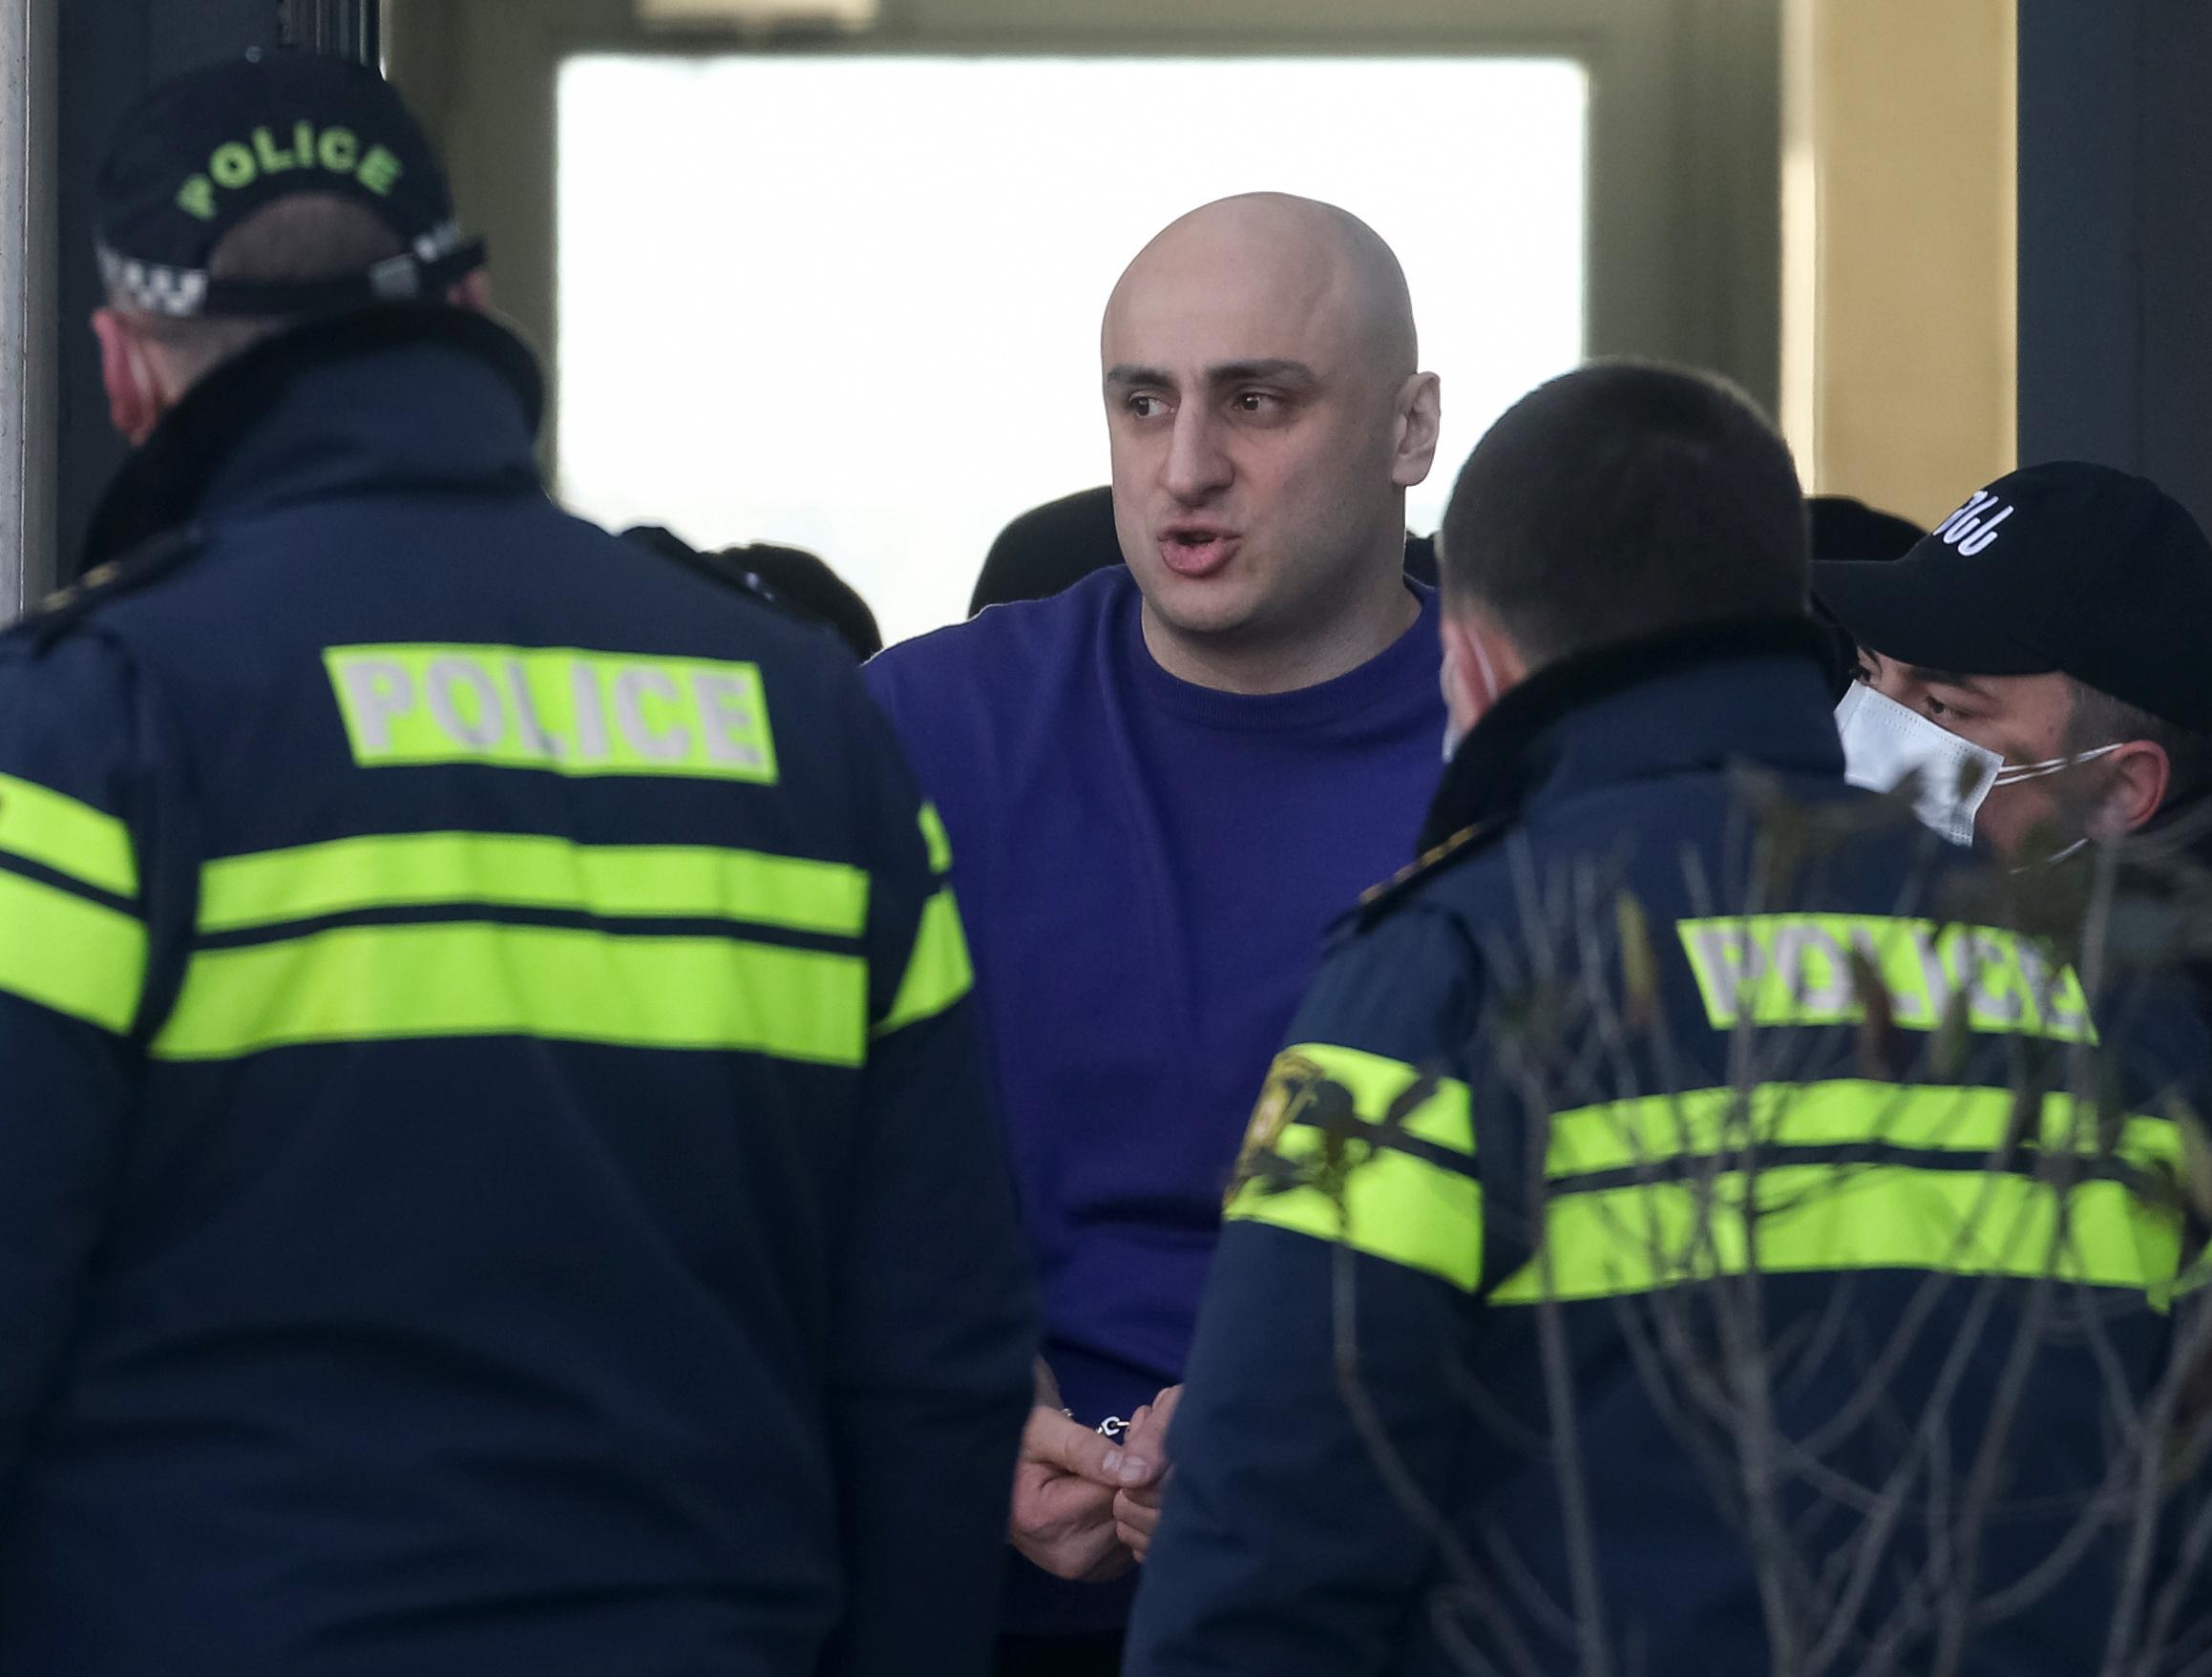 Γεωργία: Συνελήφθη ο αρχηγός της αντιπολίτευσης – «Ντου» της αστυνομίας στα γραφεία του κόμματος (pics, vid)